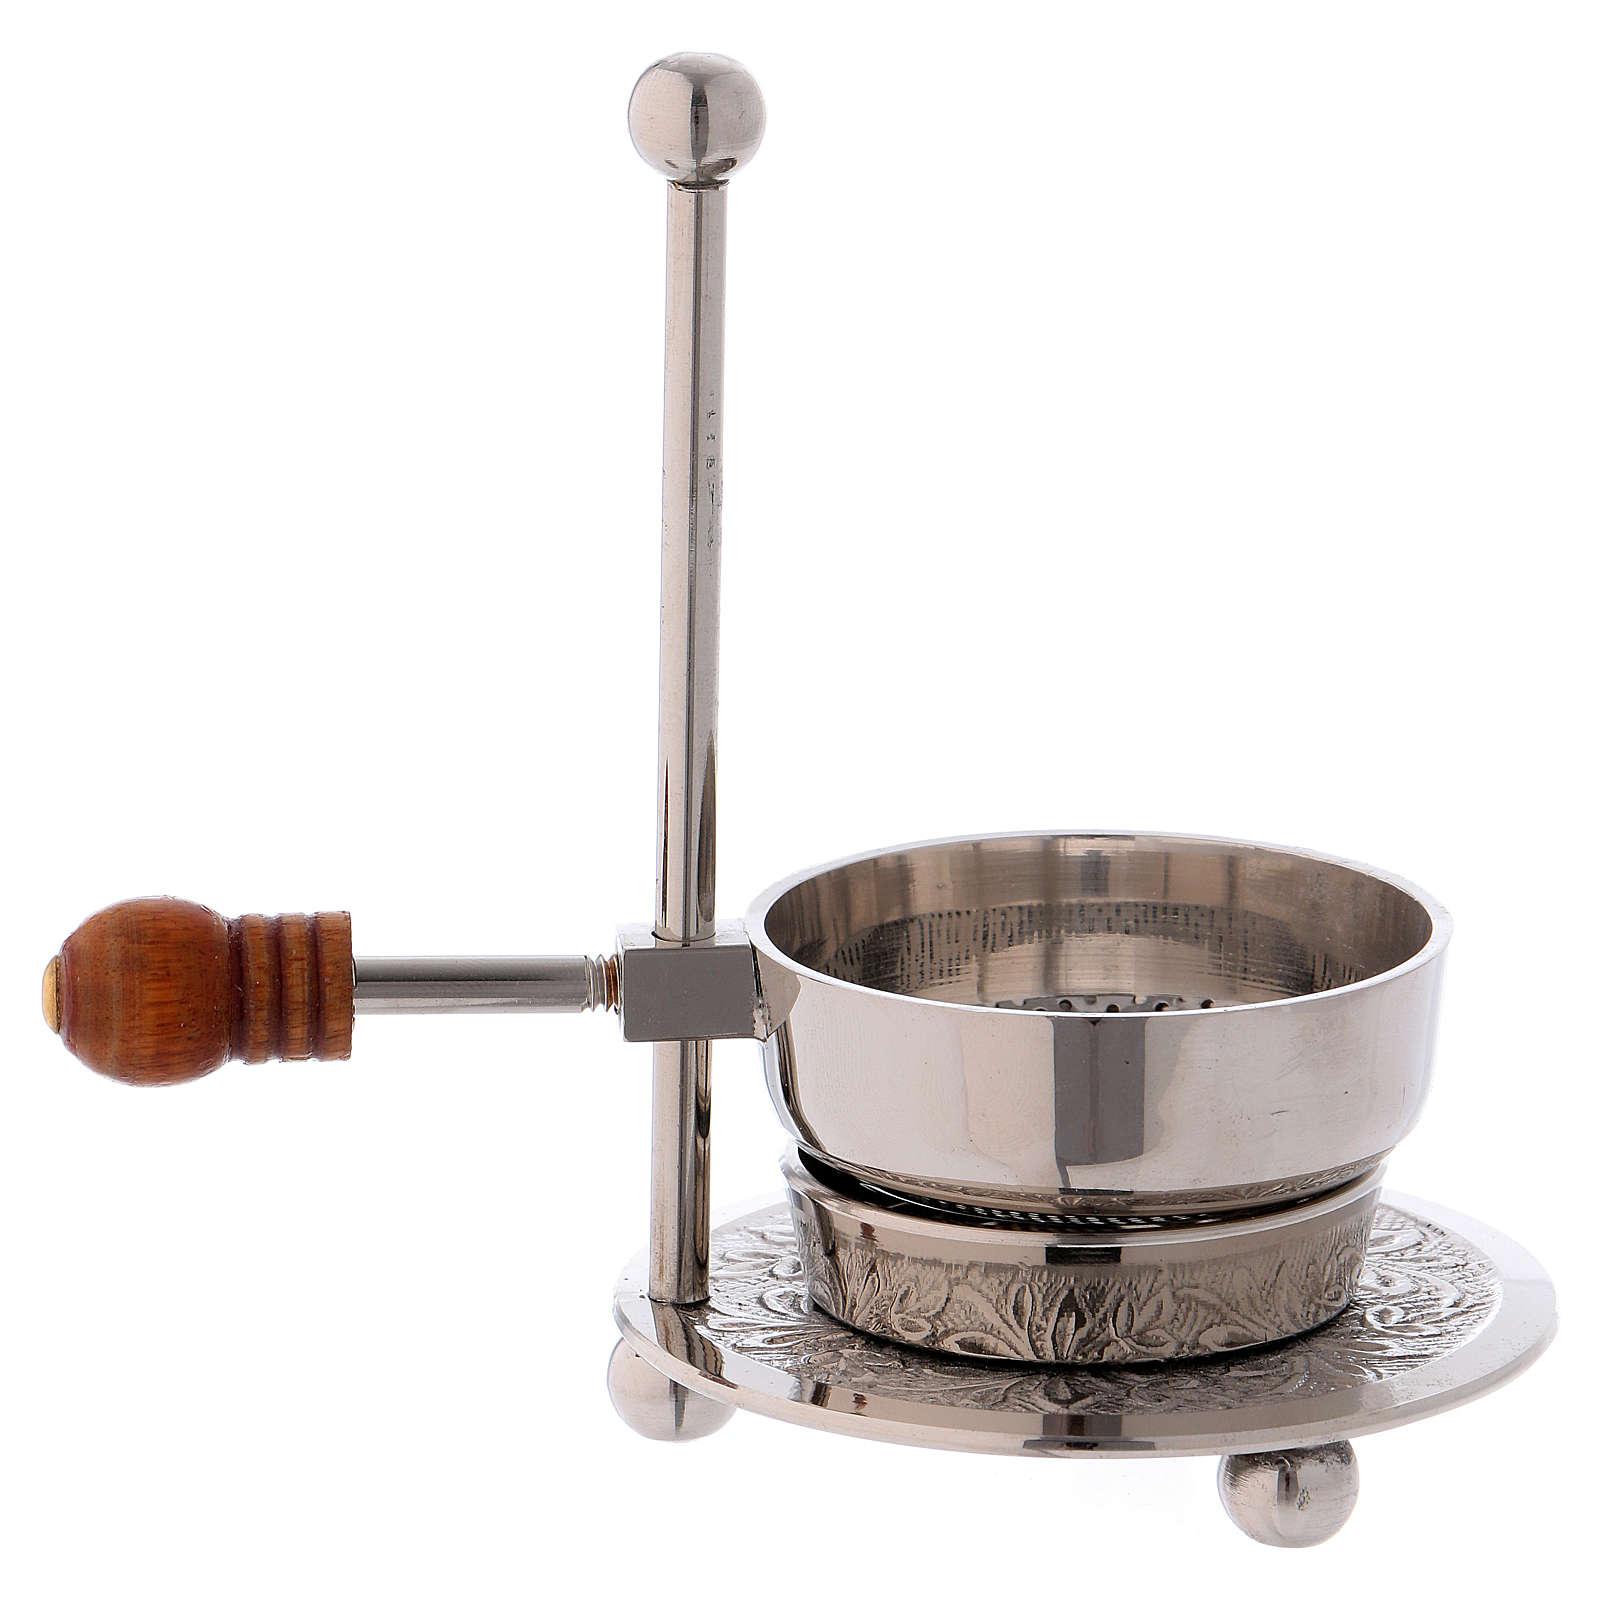 Brûle-encens laiton argenté avec pommeau en bois 11 cm 3